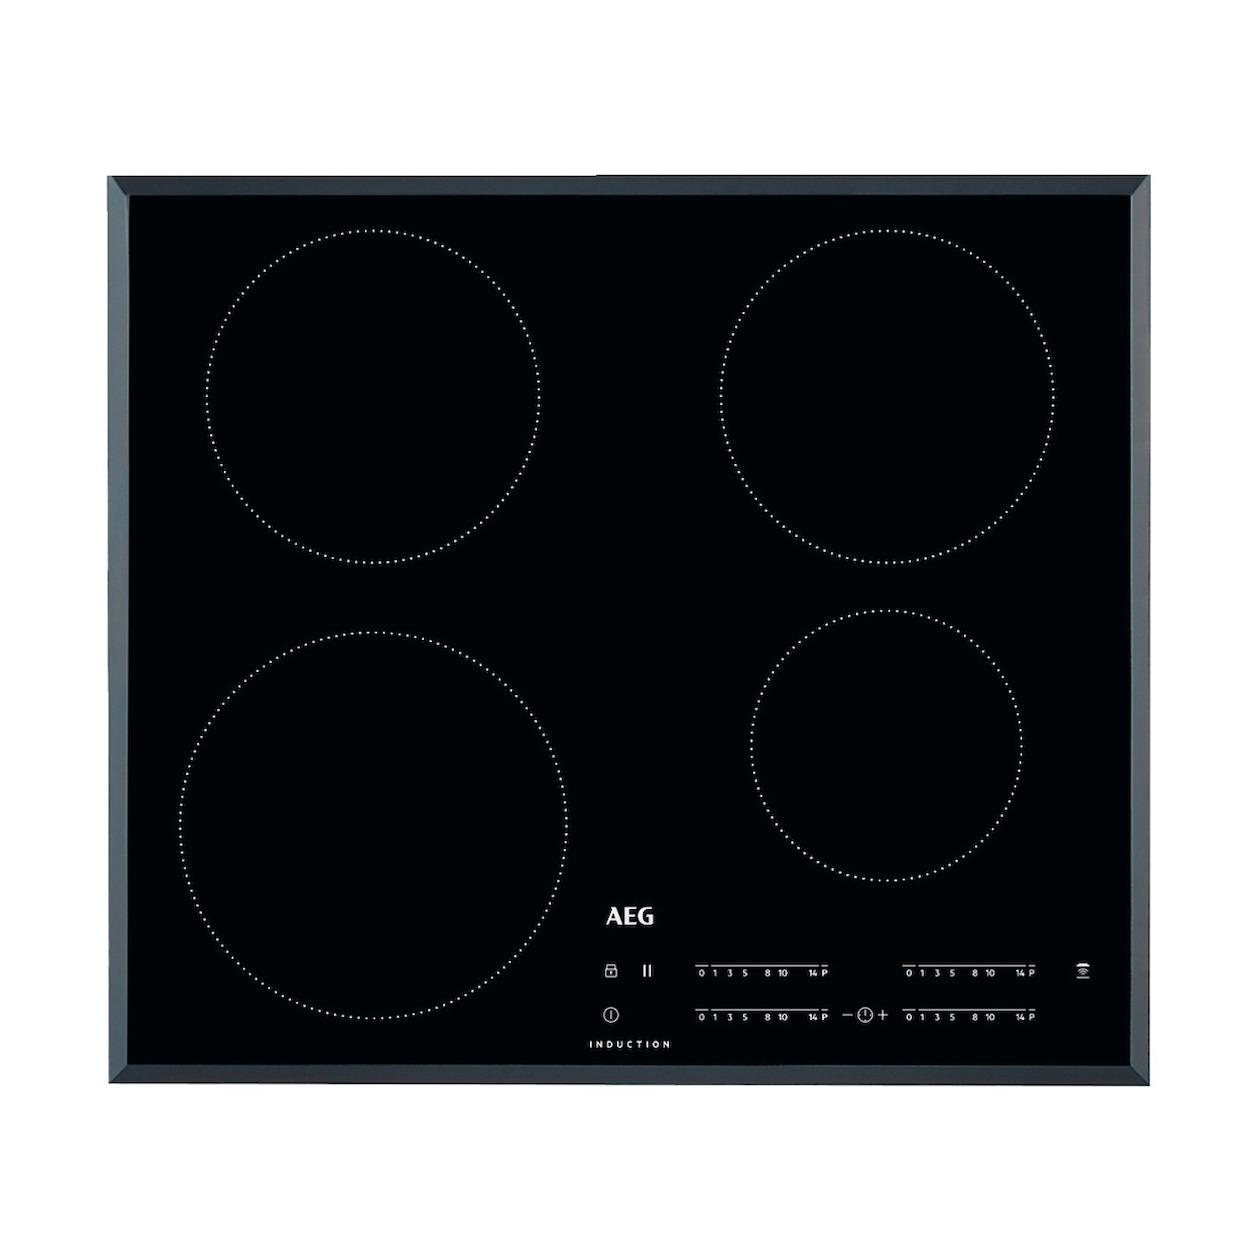 AEG inductie inbouwkookplaat IKB64401FB